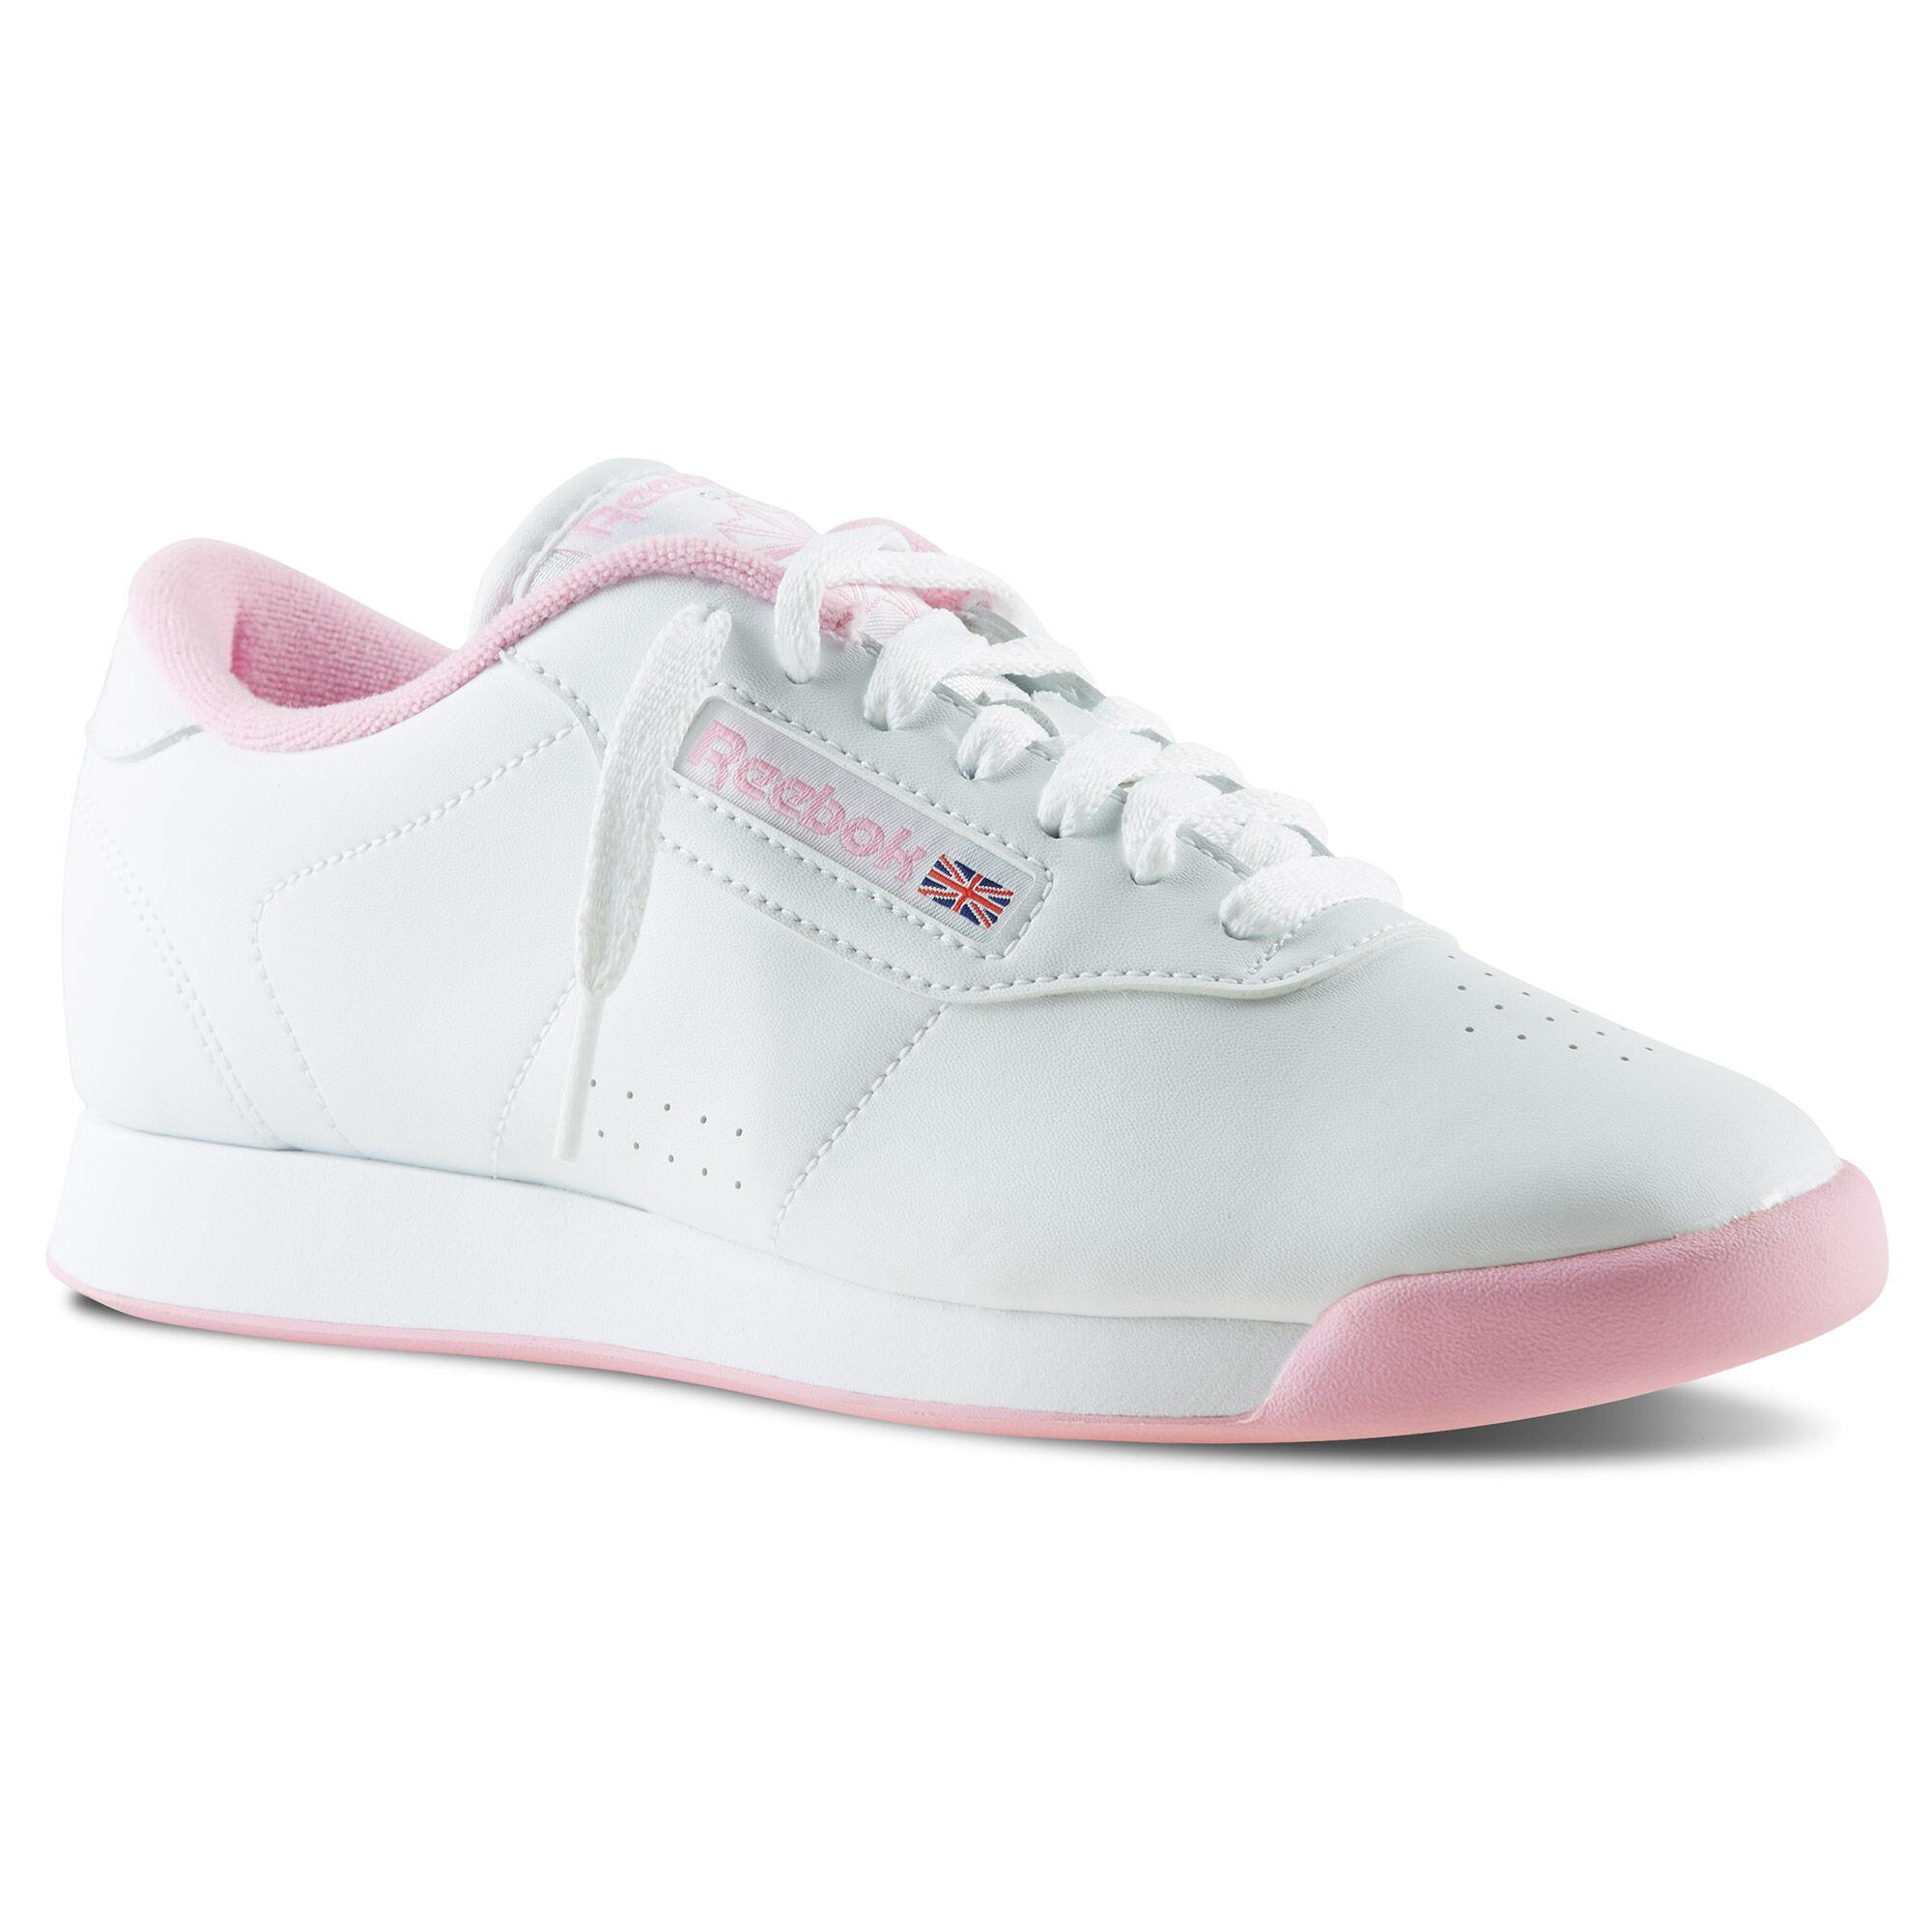 Zapatos Reebok Blanco Con Rosado